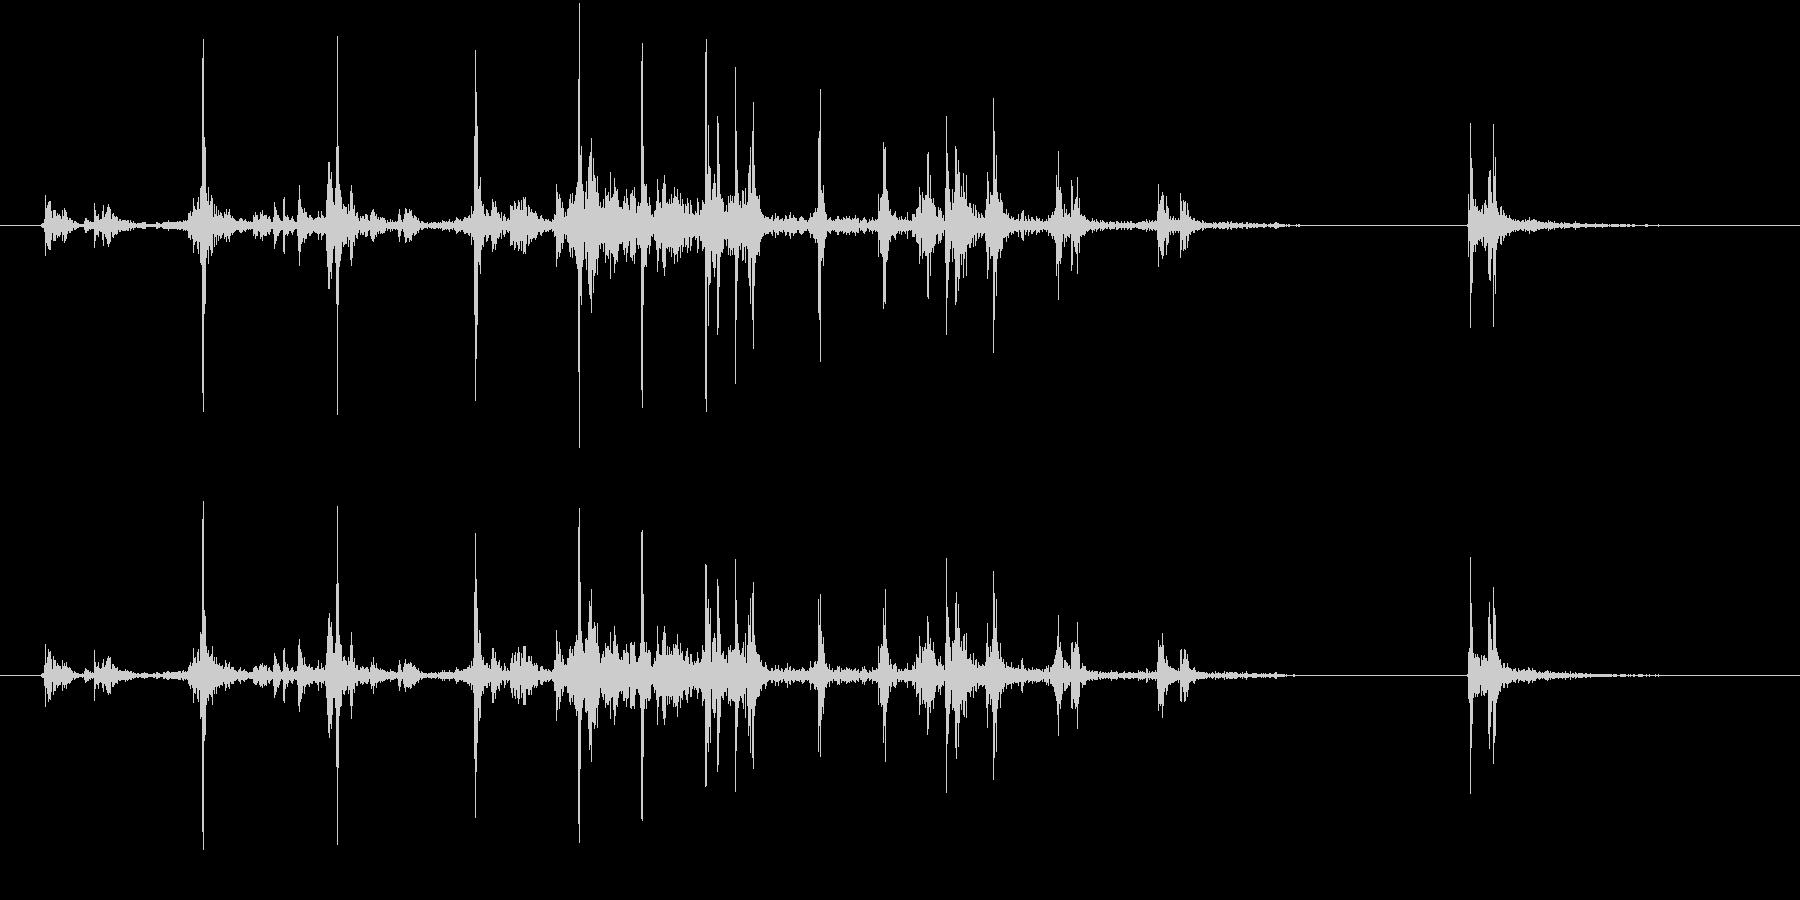 【生録音】カッターナイフの音 8の未再生の波形